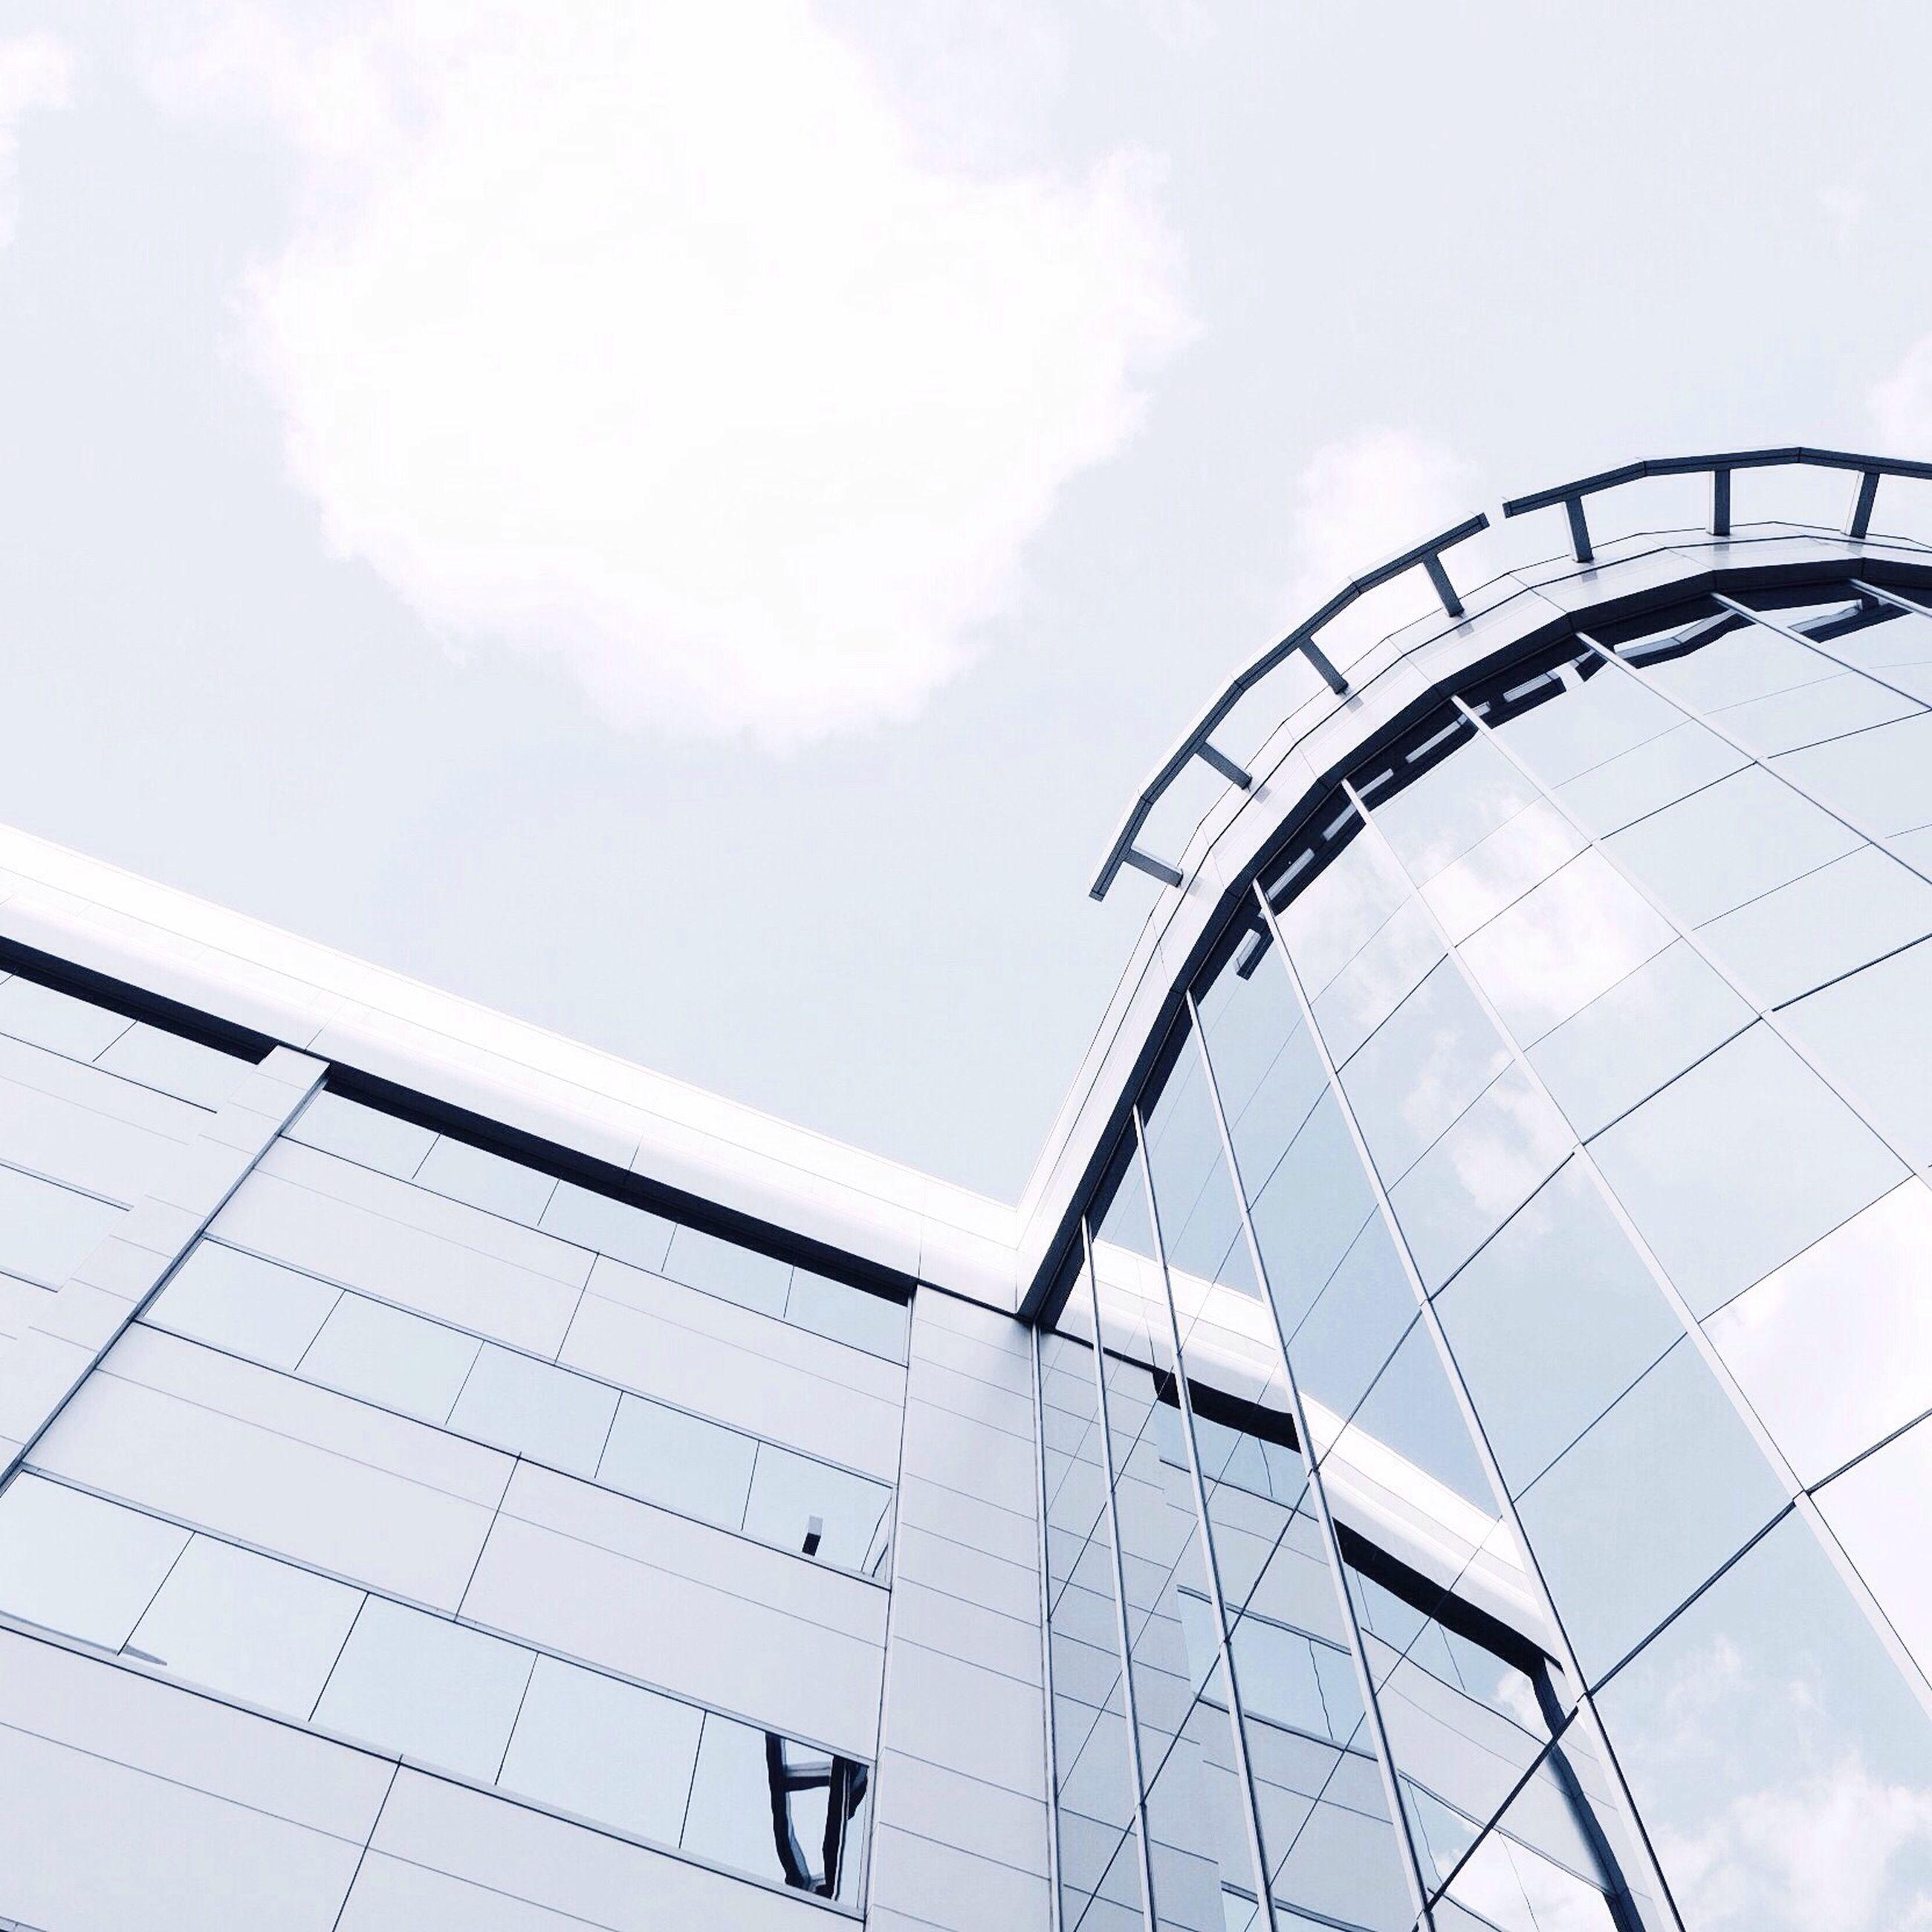 low angle view, sky, built structure, architecture, cloud - sky, amusement park, leisure activity, ferris wheel, amusement park ride, building exterior, arts culture and entertainment, cloud, day, lifestyles, modern, outdoors, cloudy, men